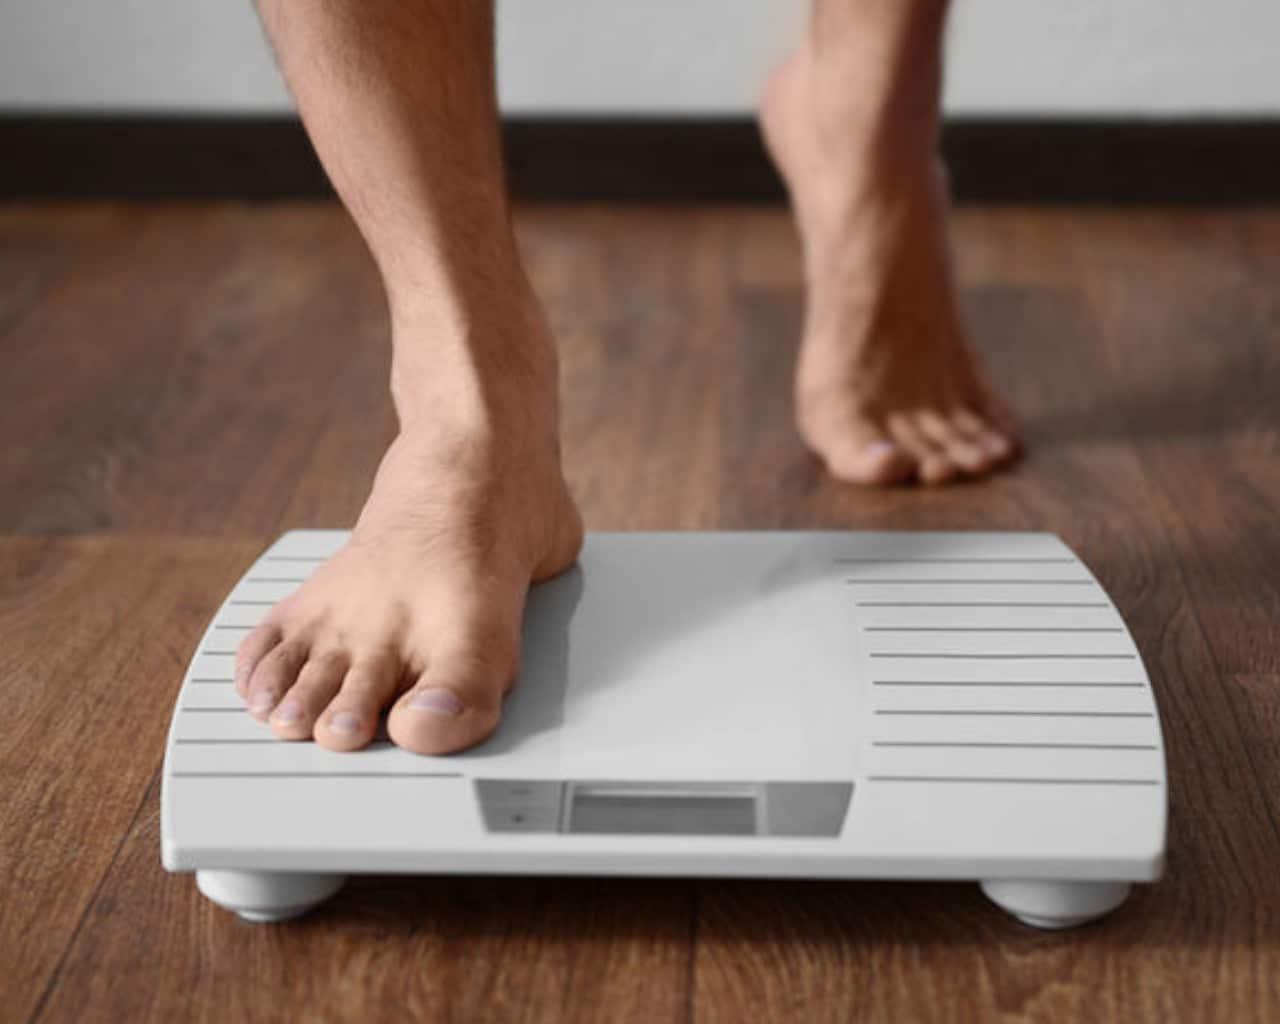 αυξηση βαρους,αυξηση βαρους μετα απο ολικη υστερεκτομη,αυξηση βαρους μετα απο ασκηση,αυξηση βαρους φαρμακειο,αυξηση βαρους γρηγορα,αυξηση βαρους αιτια,αυξηση βαρουσ πριν την περιοδο,αυξηση βαρουσ διατροφη,αυξηση βαρους σκυλου